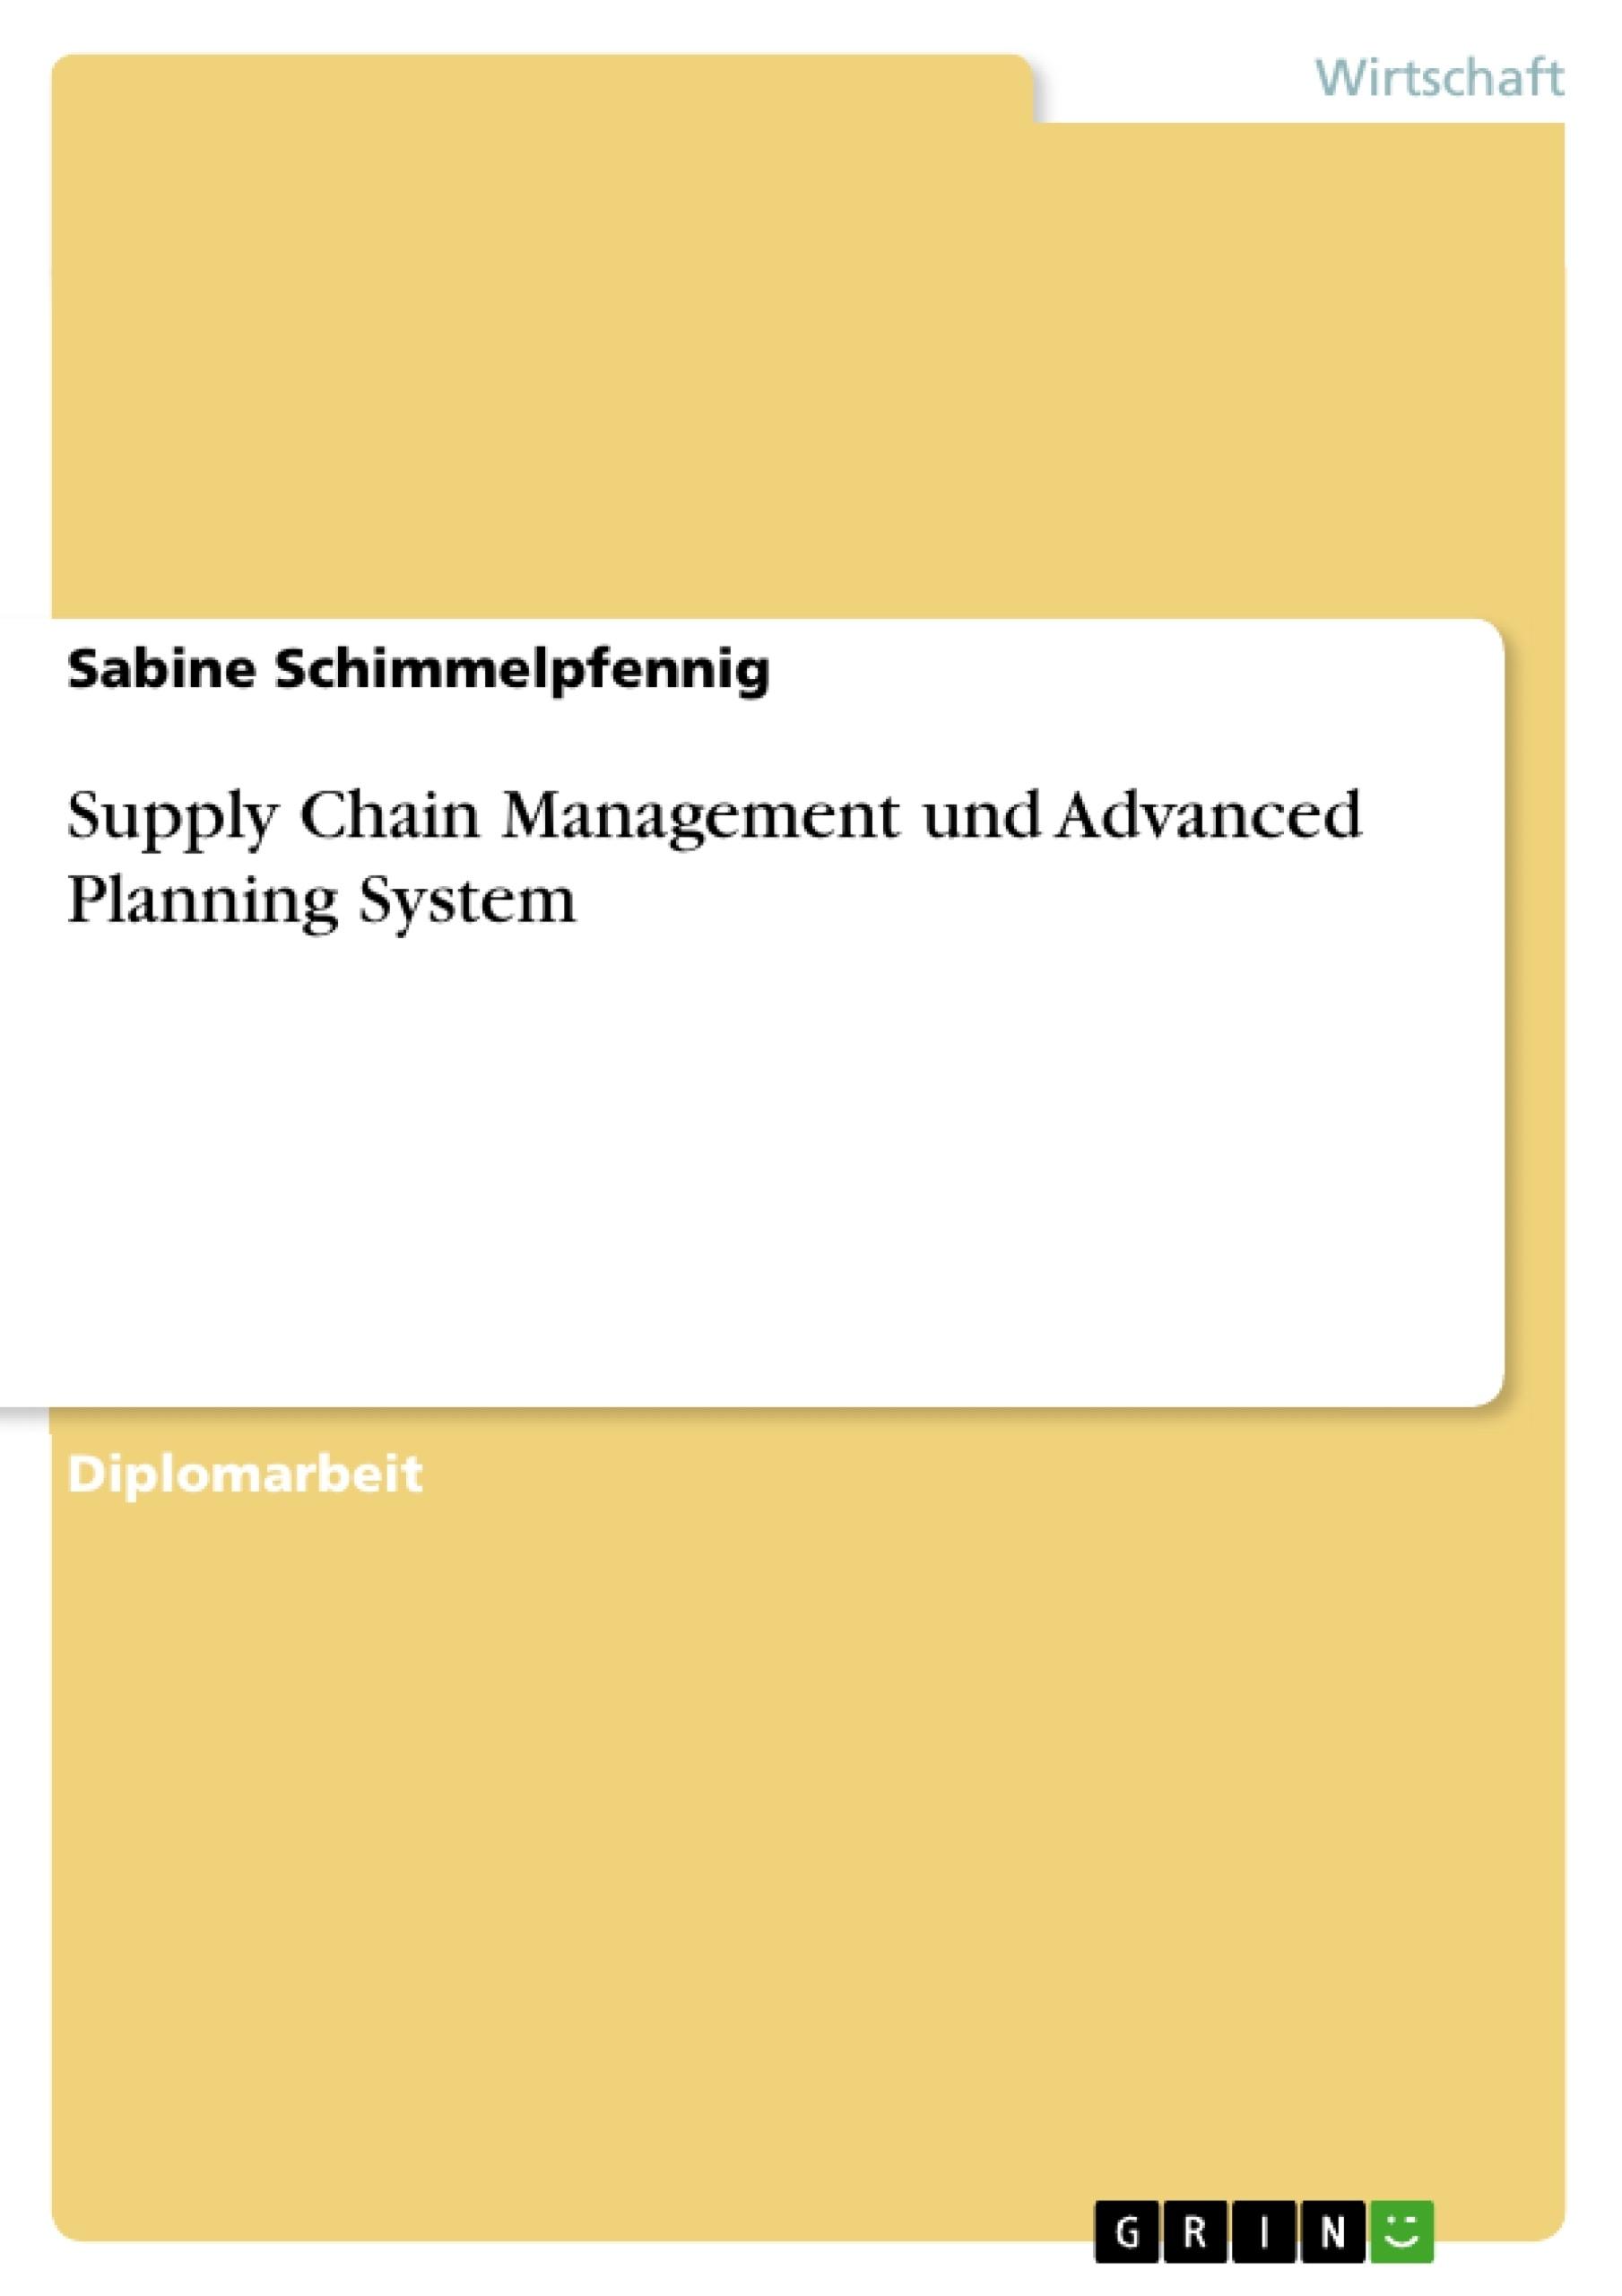 Titel: Supply Chain Management und Advanced Planning System